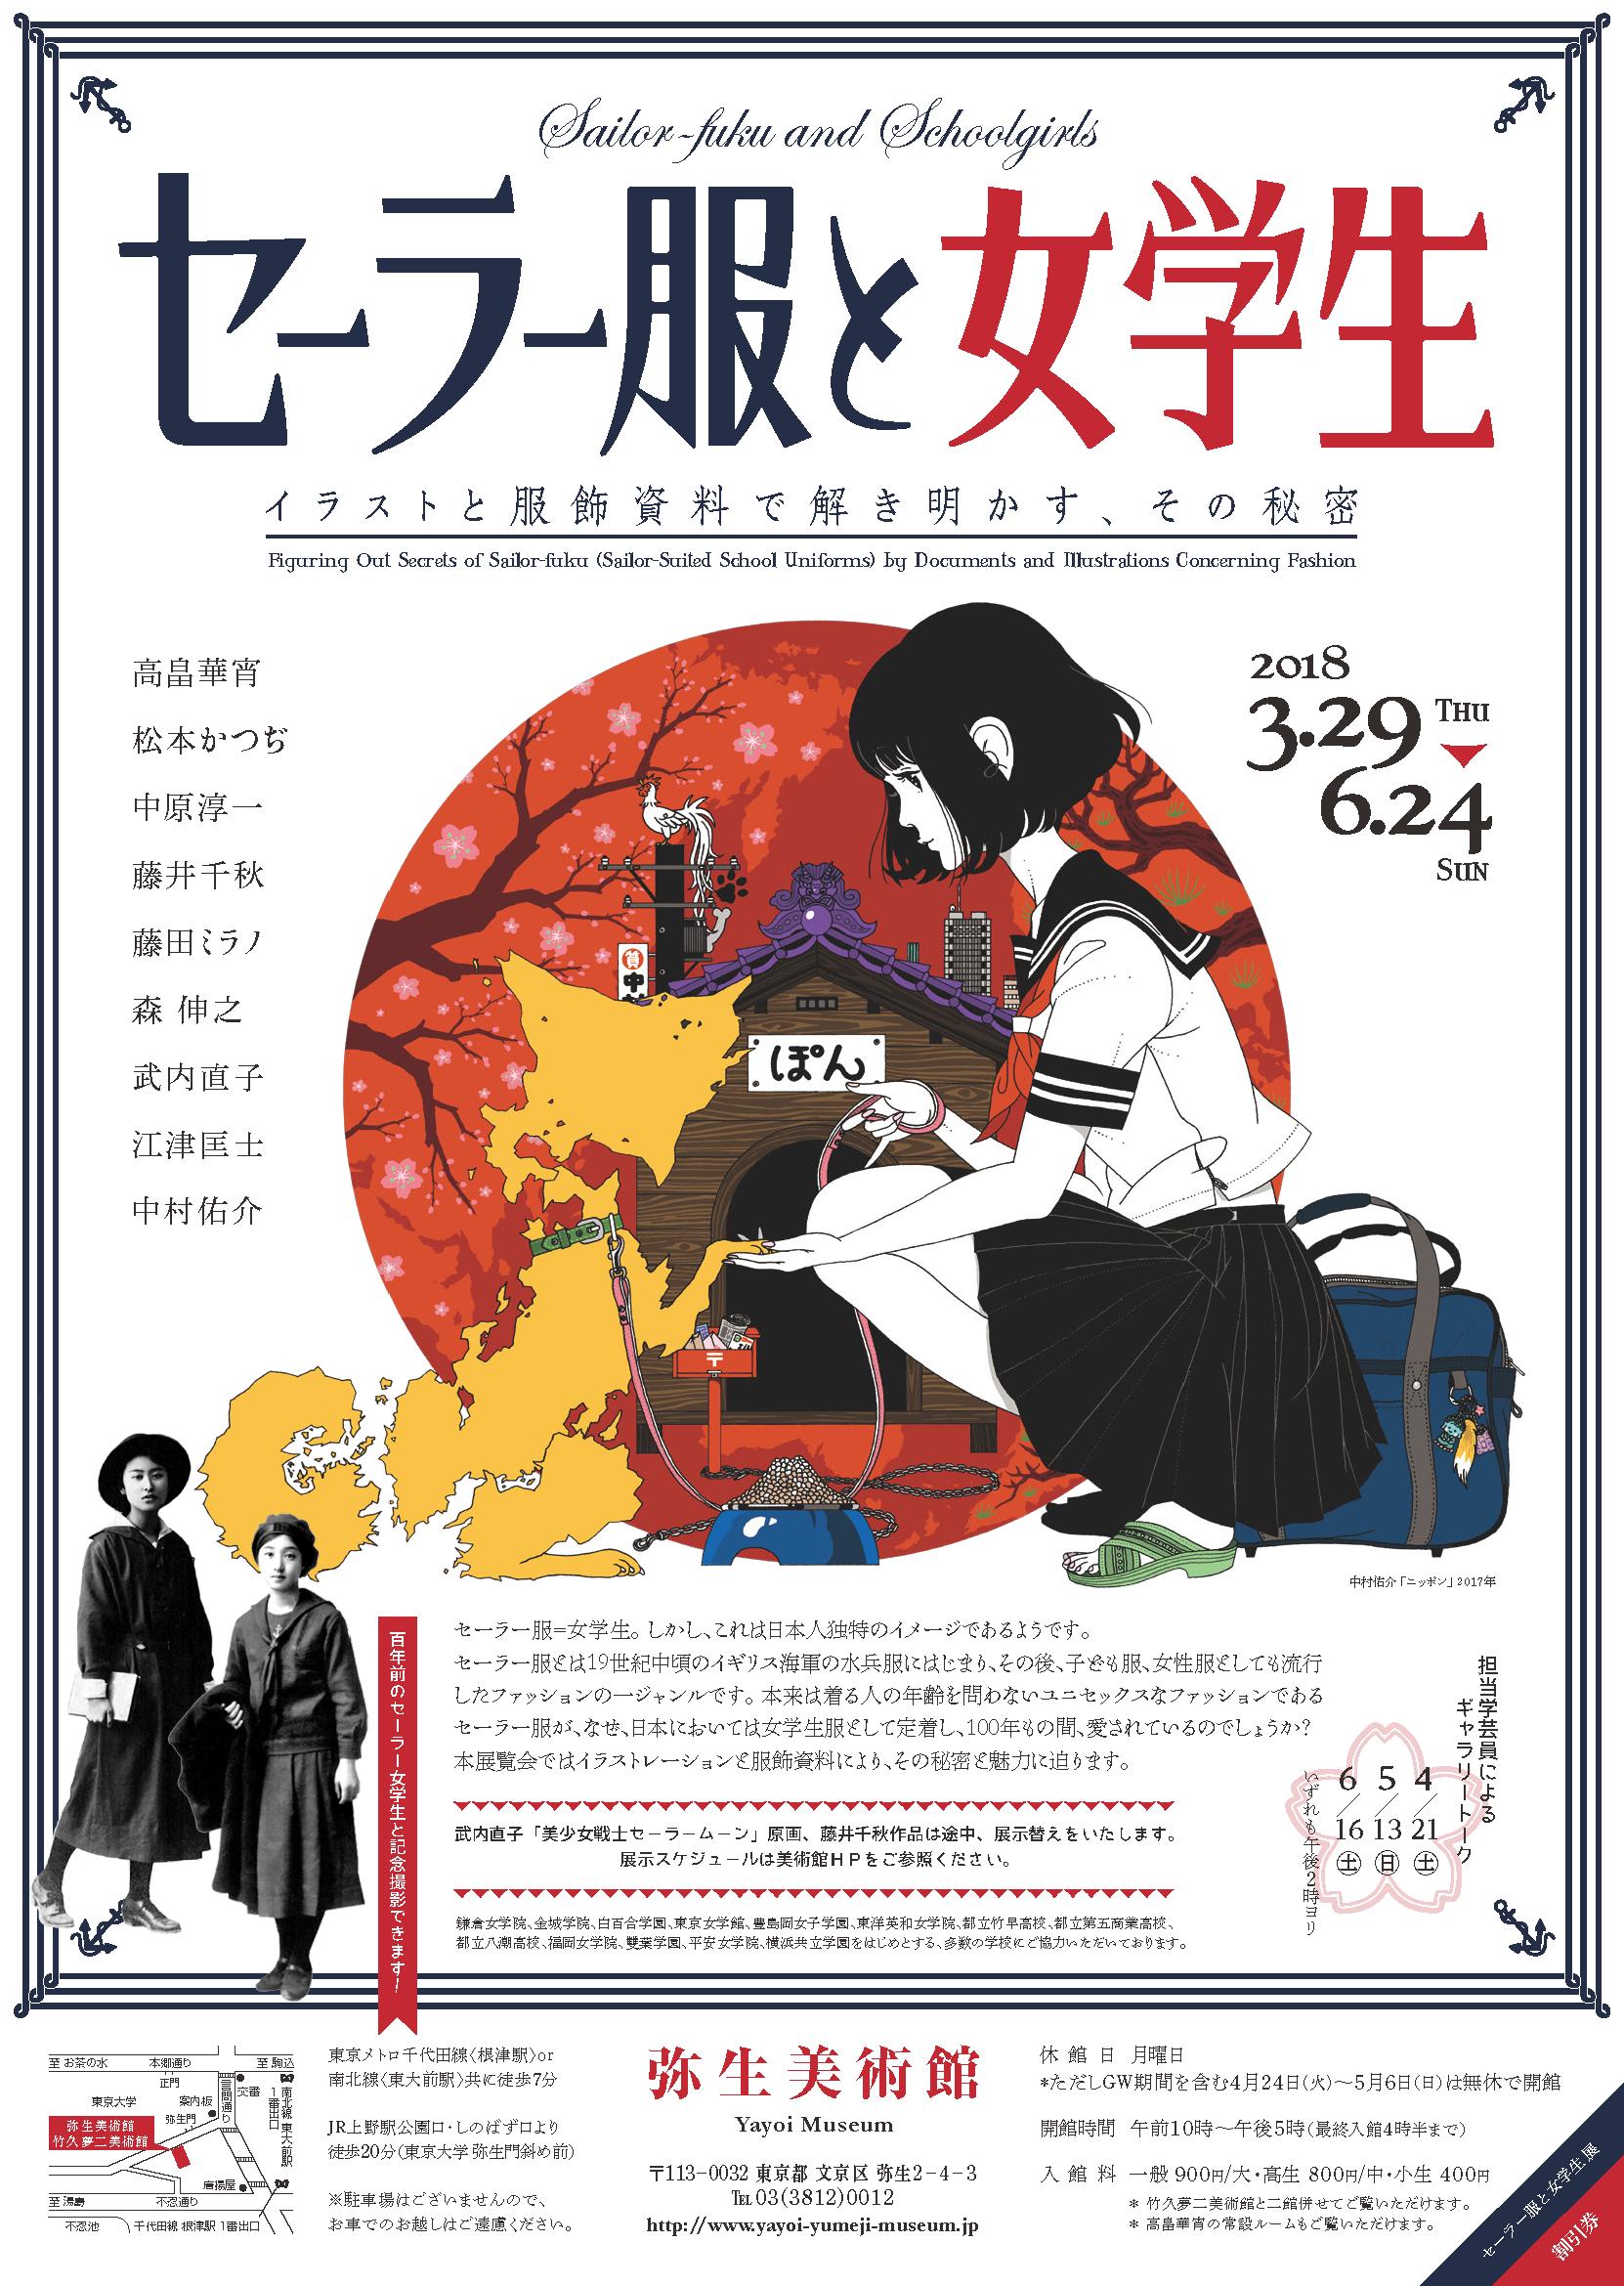 中村佑介が今作「Birth YUSUKE NAKAMURA VR」のために描き下ろしたイラスト原画、弥生美術館「セーラー服と女学生―イラストと服飾資料で解き明かす、その秘密―」にて展示